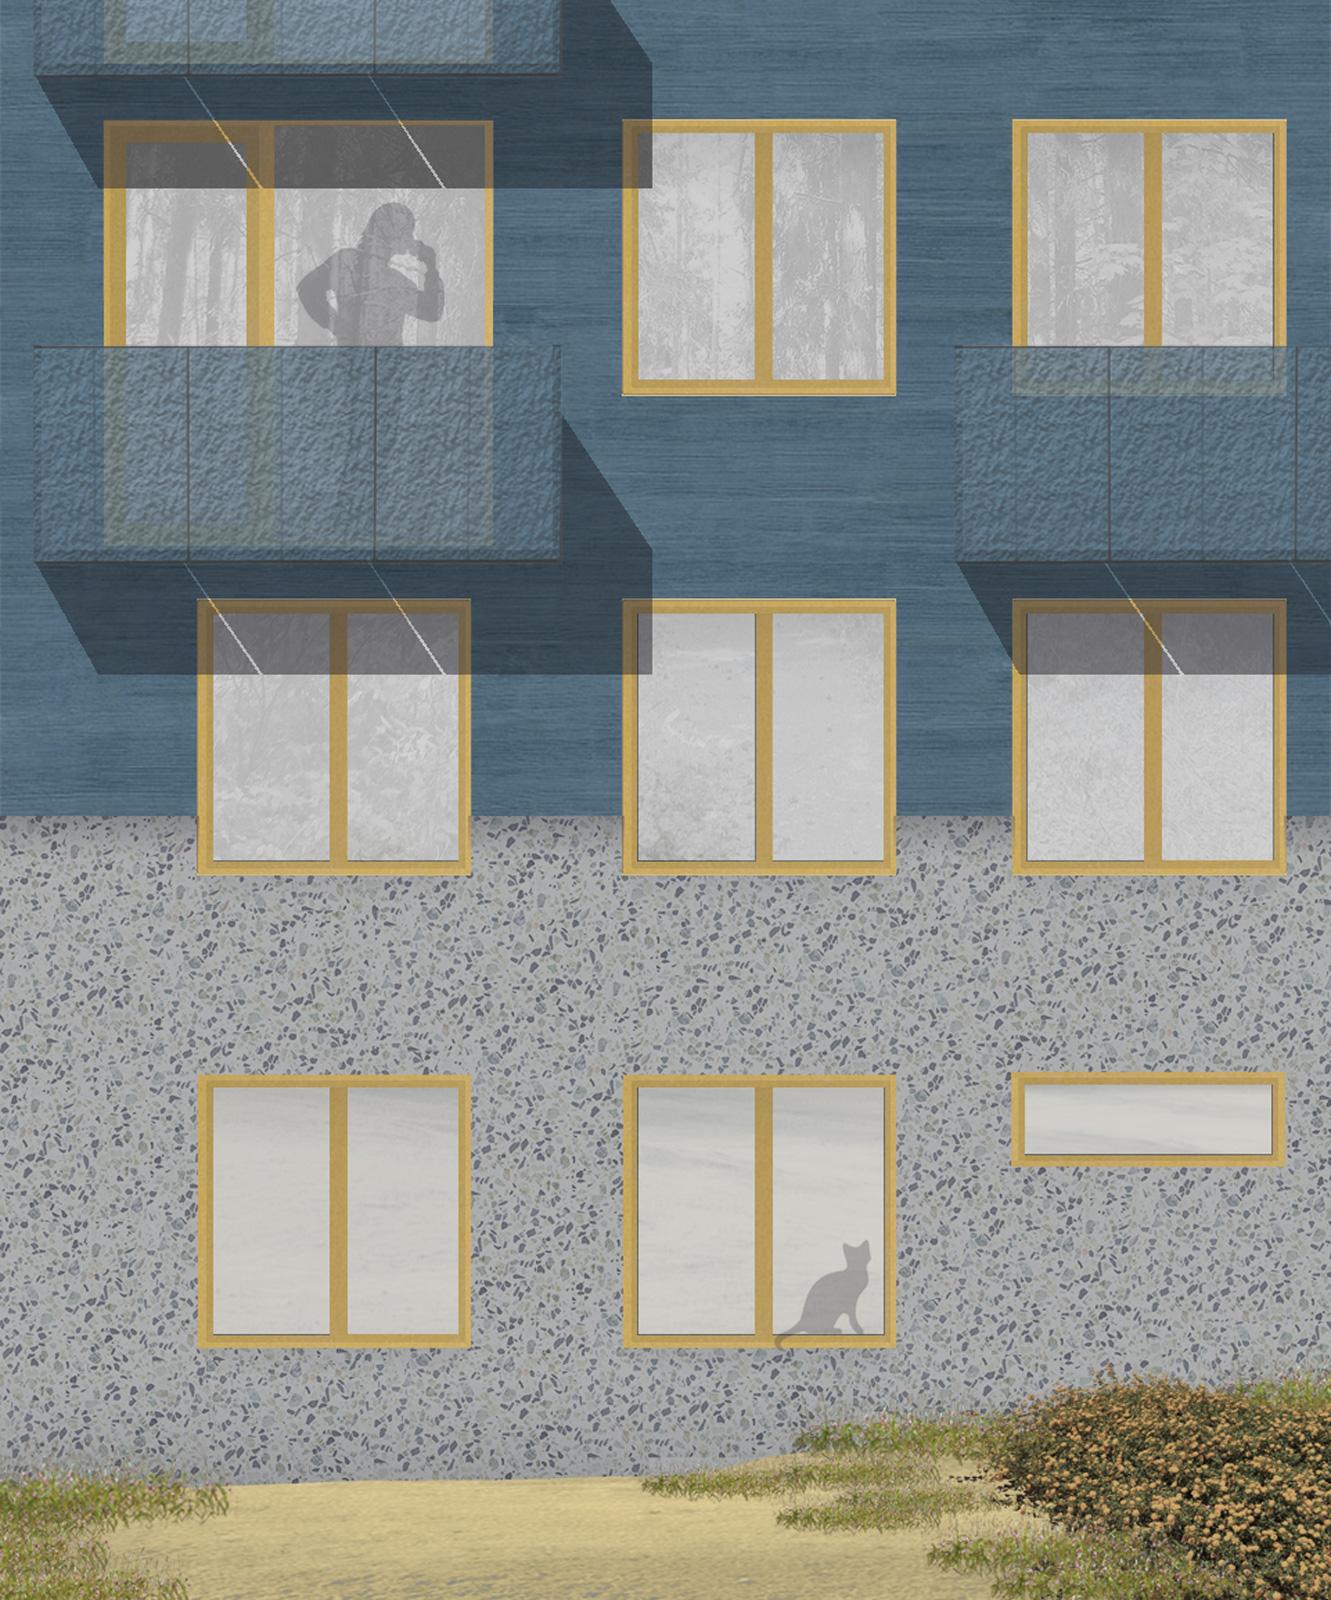 Spridd_A02_Detalj-fasad.jpg